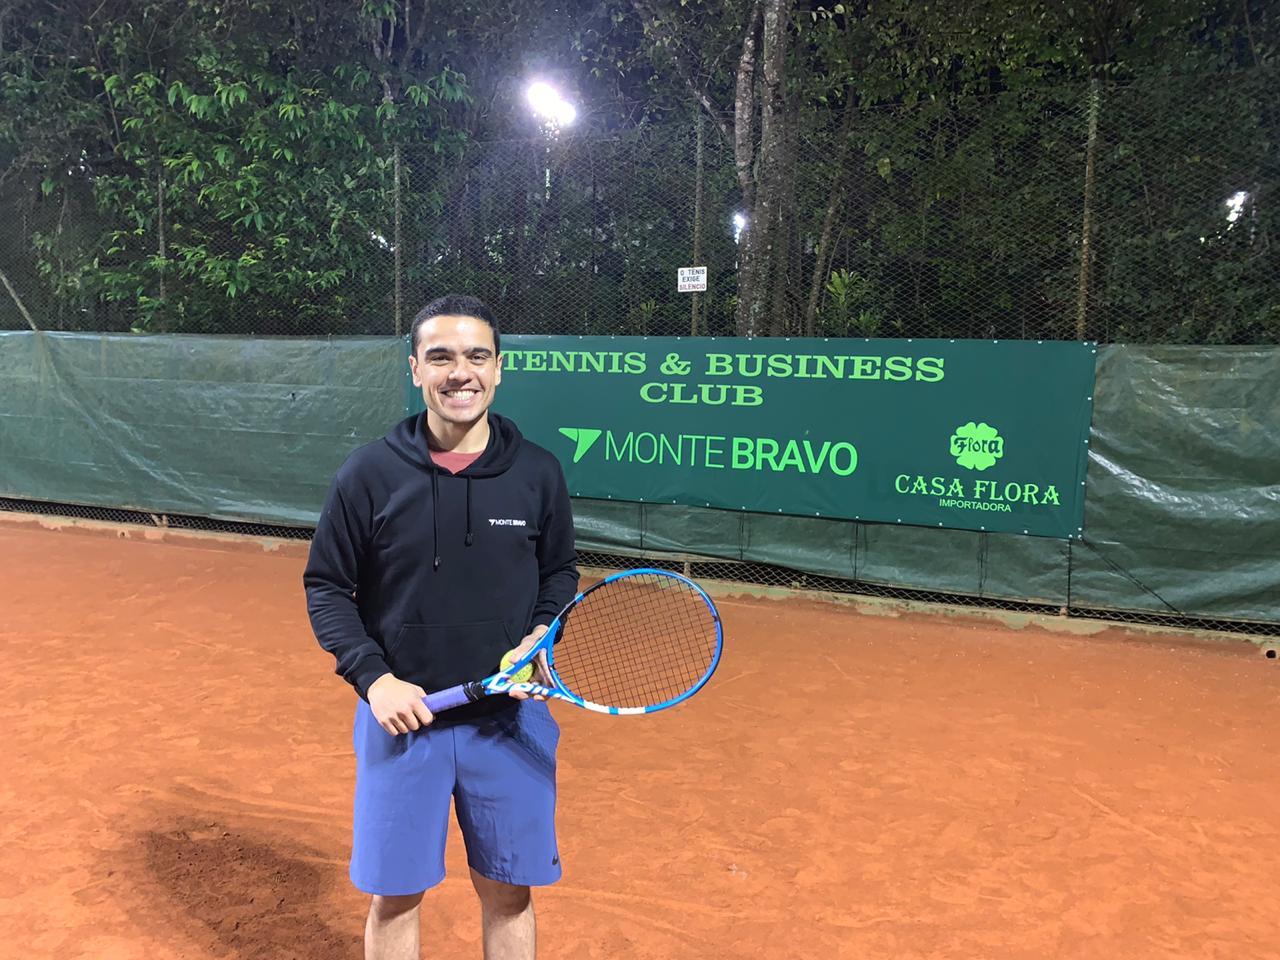 Protegido: Tennis & Business Club #6: confira as fotos!